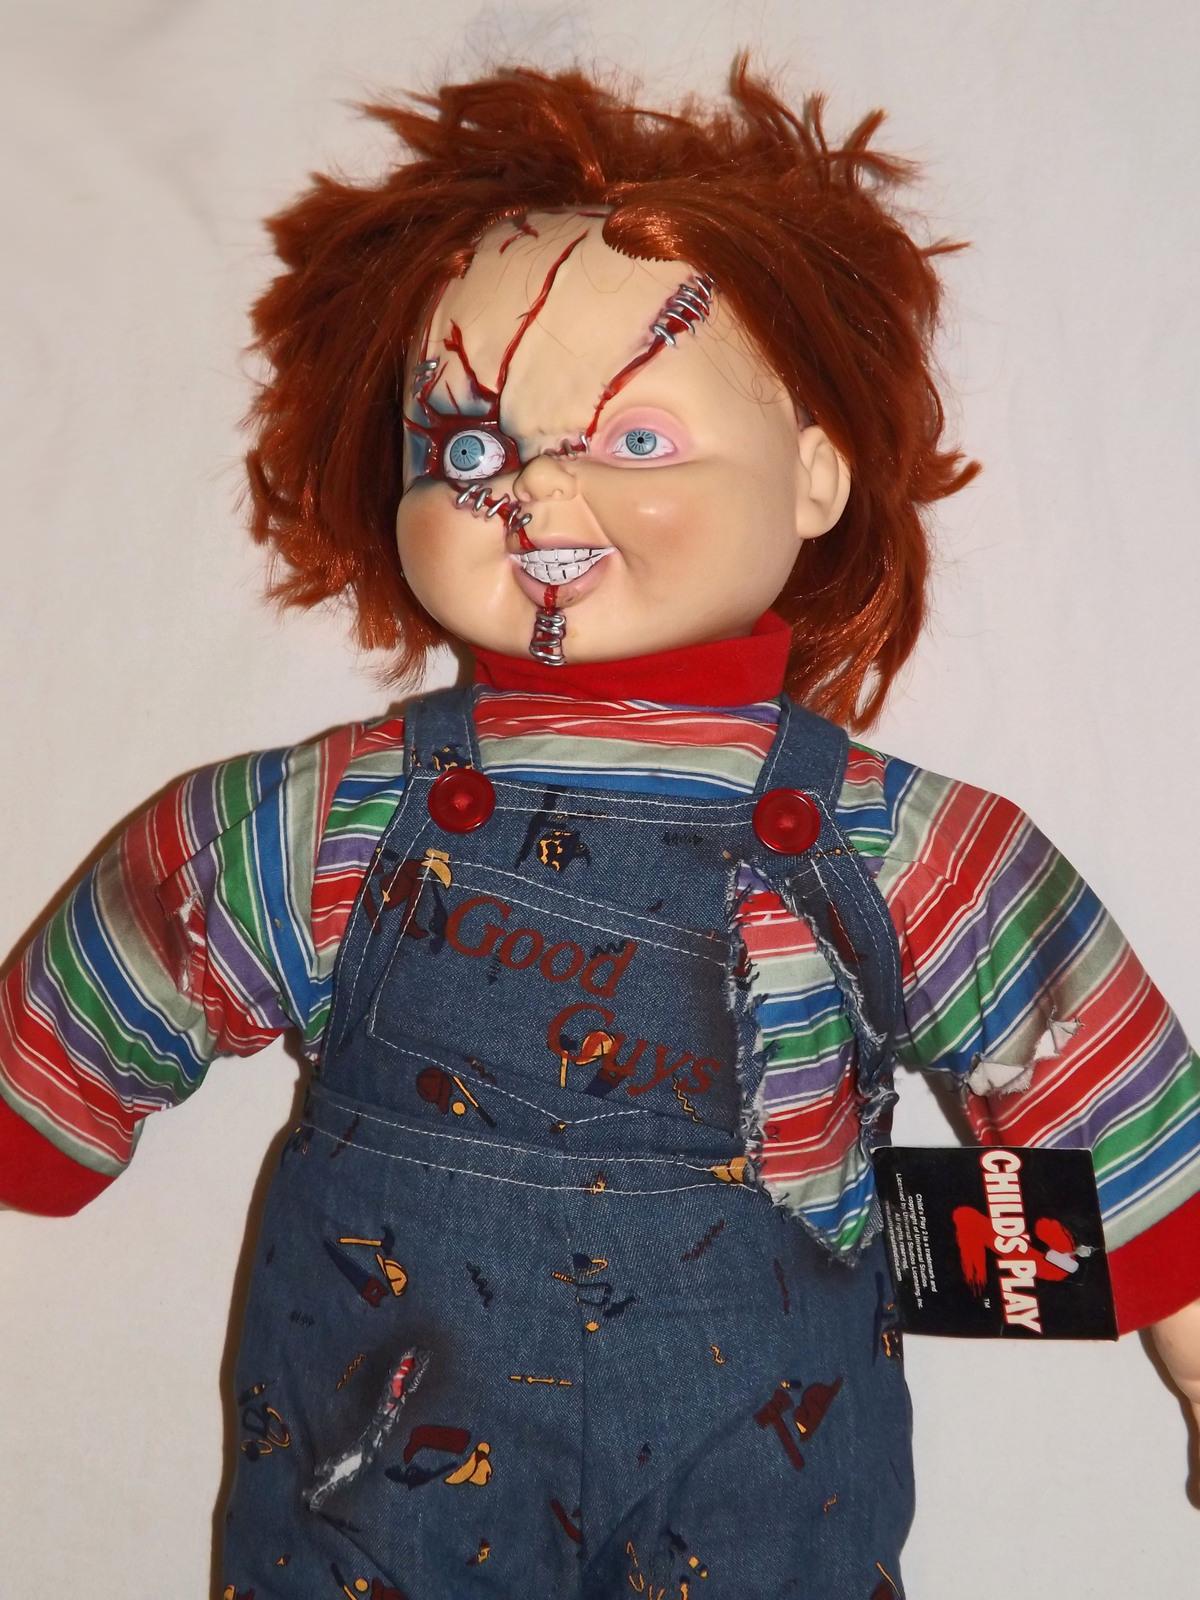 VERY RARE 2005-2006 Chucky (Bride of Chucky) Doll 24